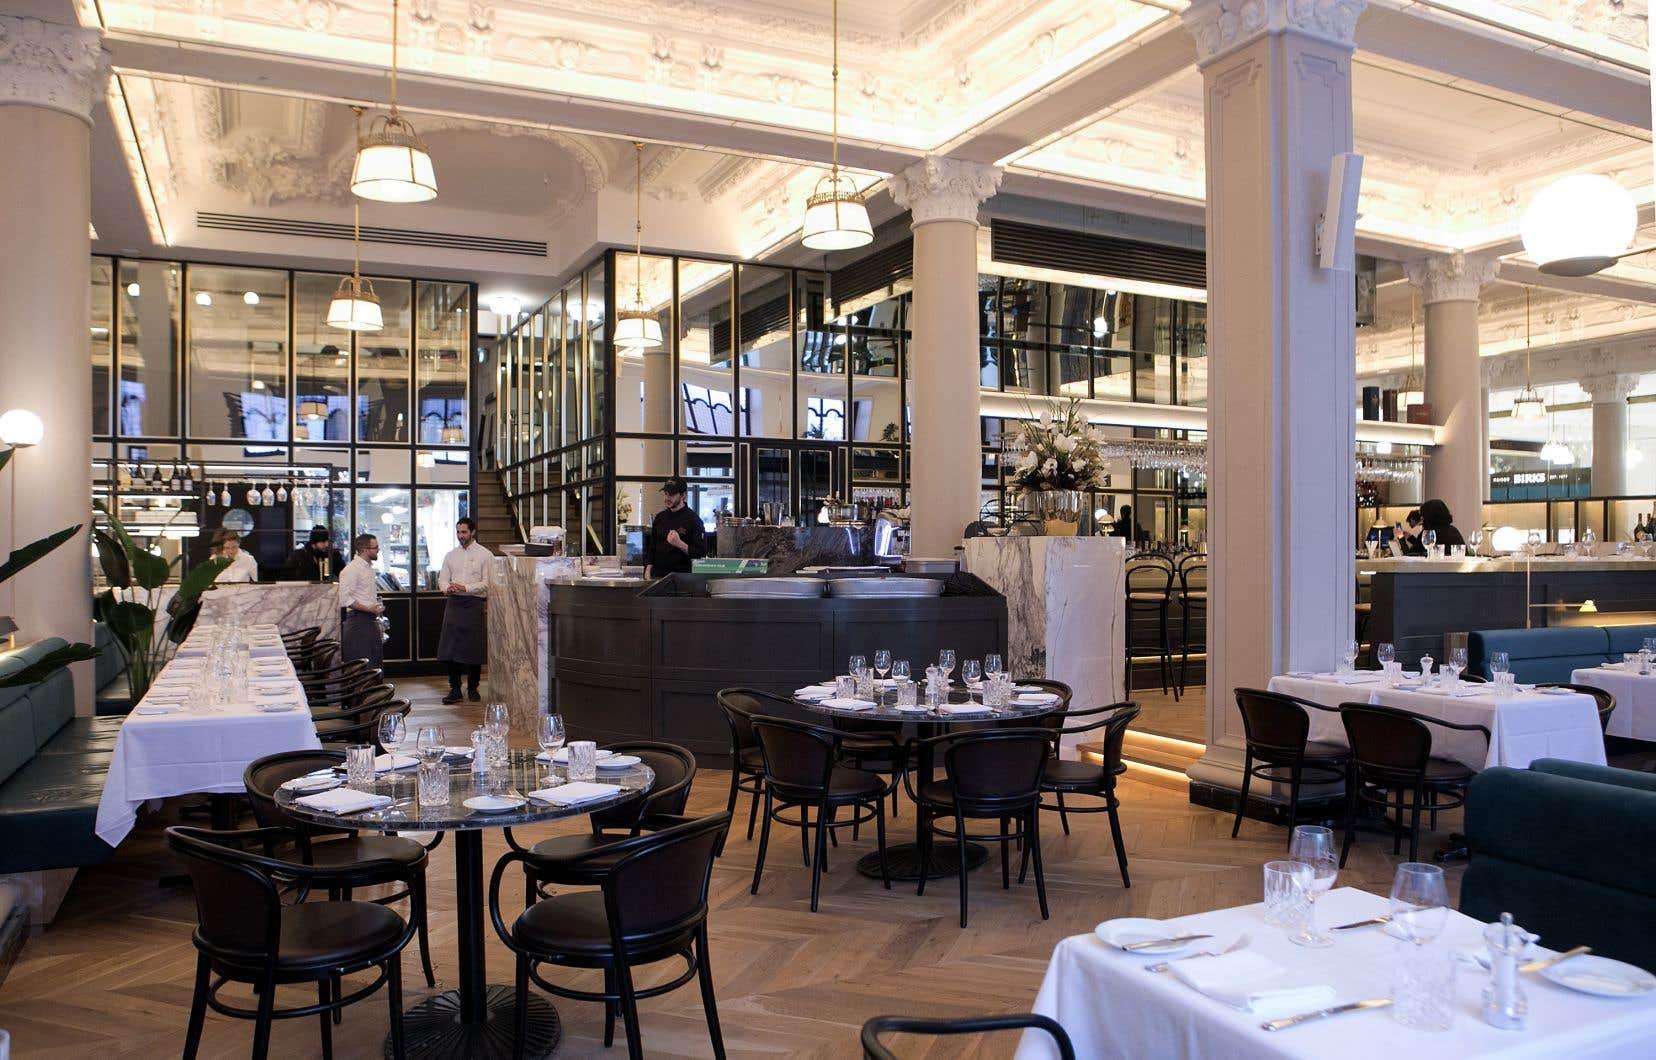 Intérieur de la brasserie française Henri